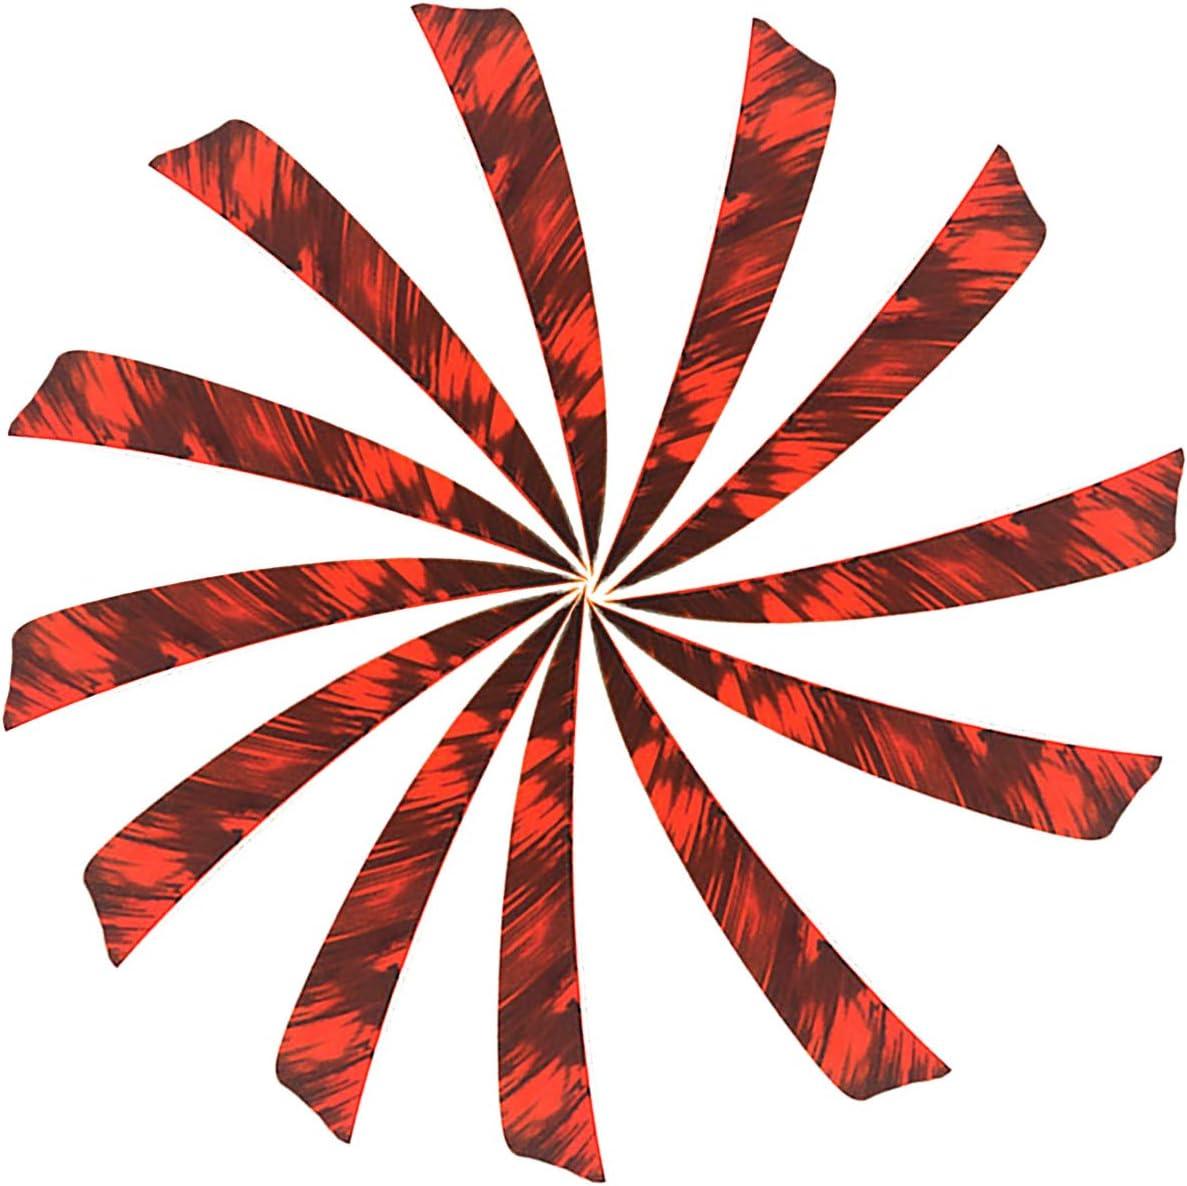 Jagdpfeile f/ür Bogen und Traditionellen Bogen 31 Zoll Bogenpfeile Carbon Pfeile f/ür Bogenschie/ßen mit 20pcs 4 Naturfeder 6 x Pfeile Spine 500 f/ür Compound Recurvebogen